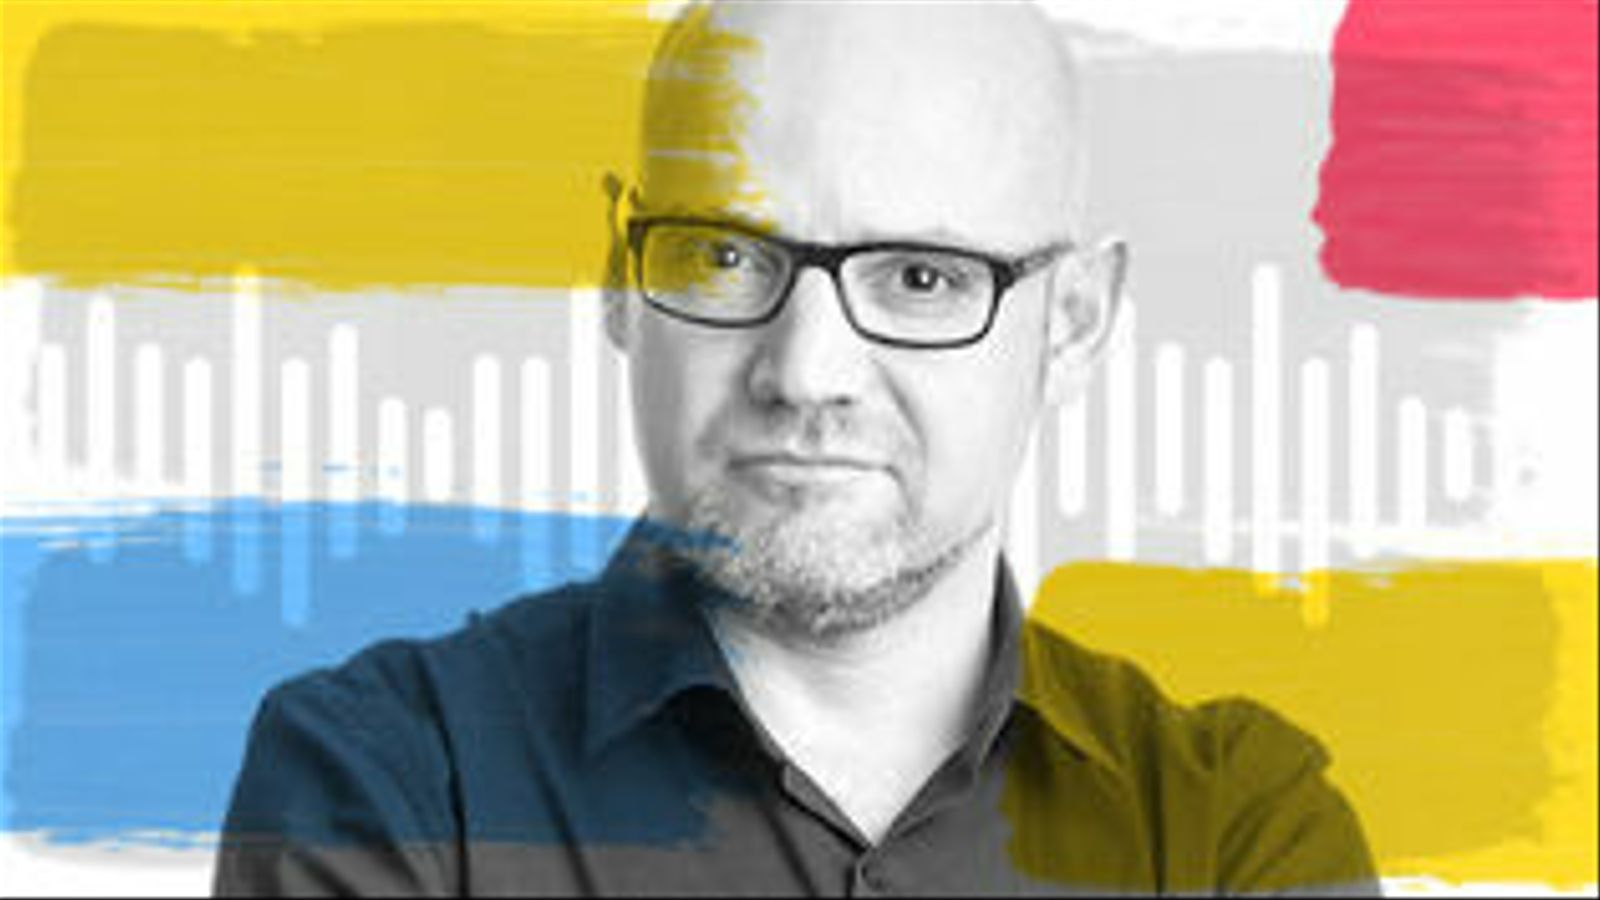 La crònica sonora del judici: els consellers cessats per Puigdemont